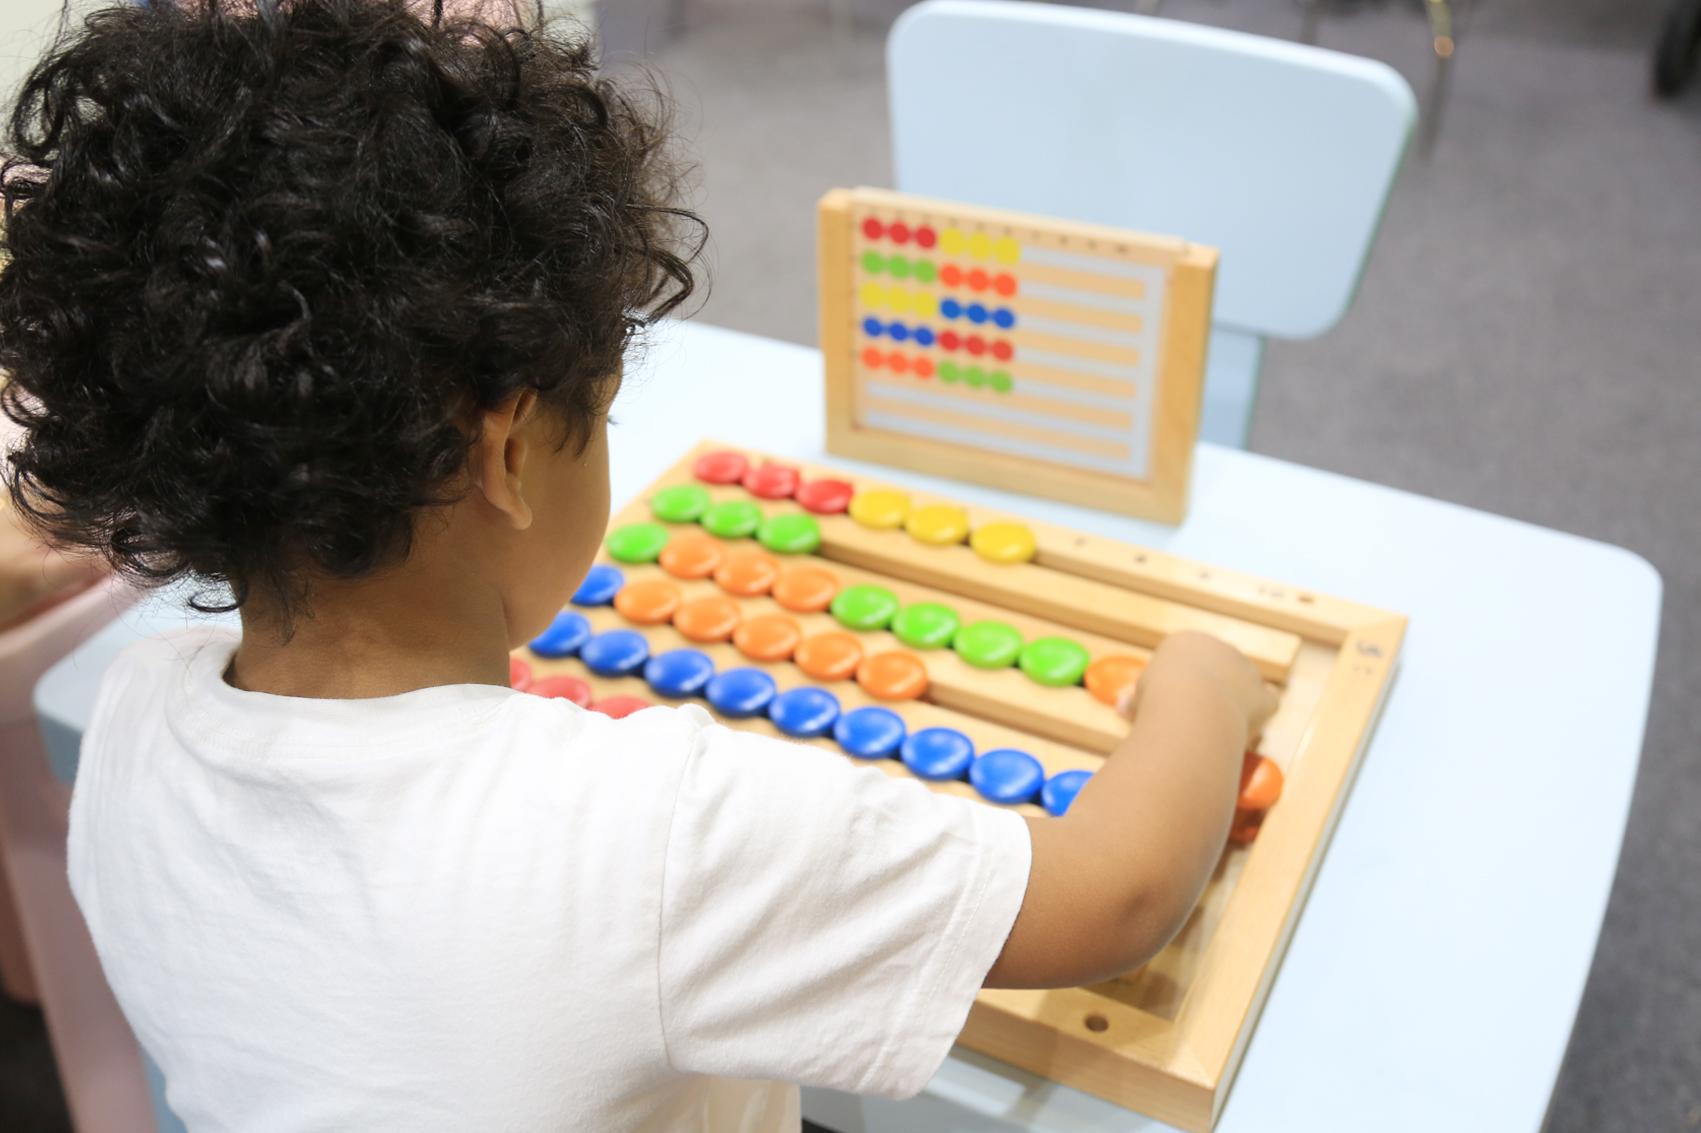 في اليوم الخليجي لصعوبات التعلم: التوعية ثم التوعية